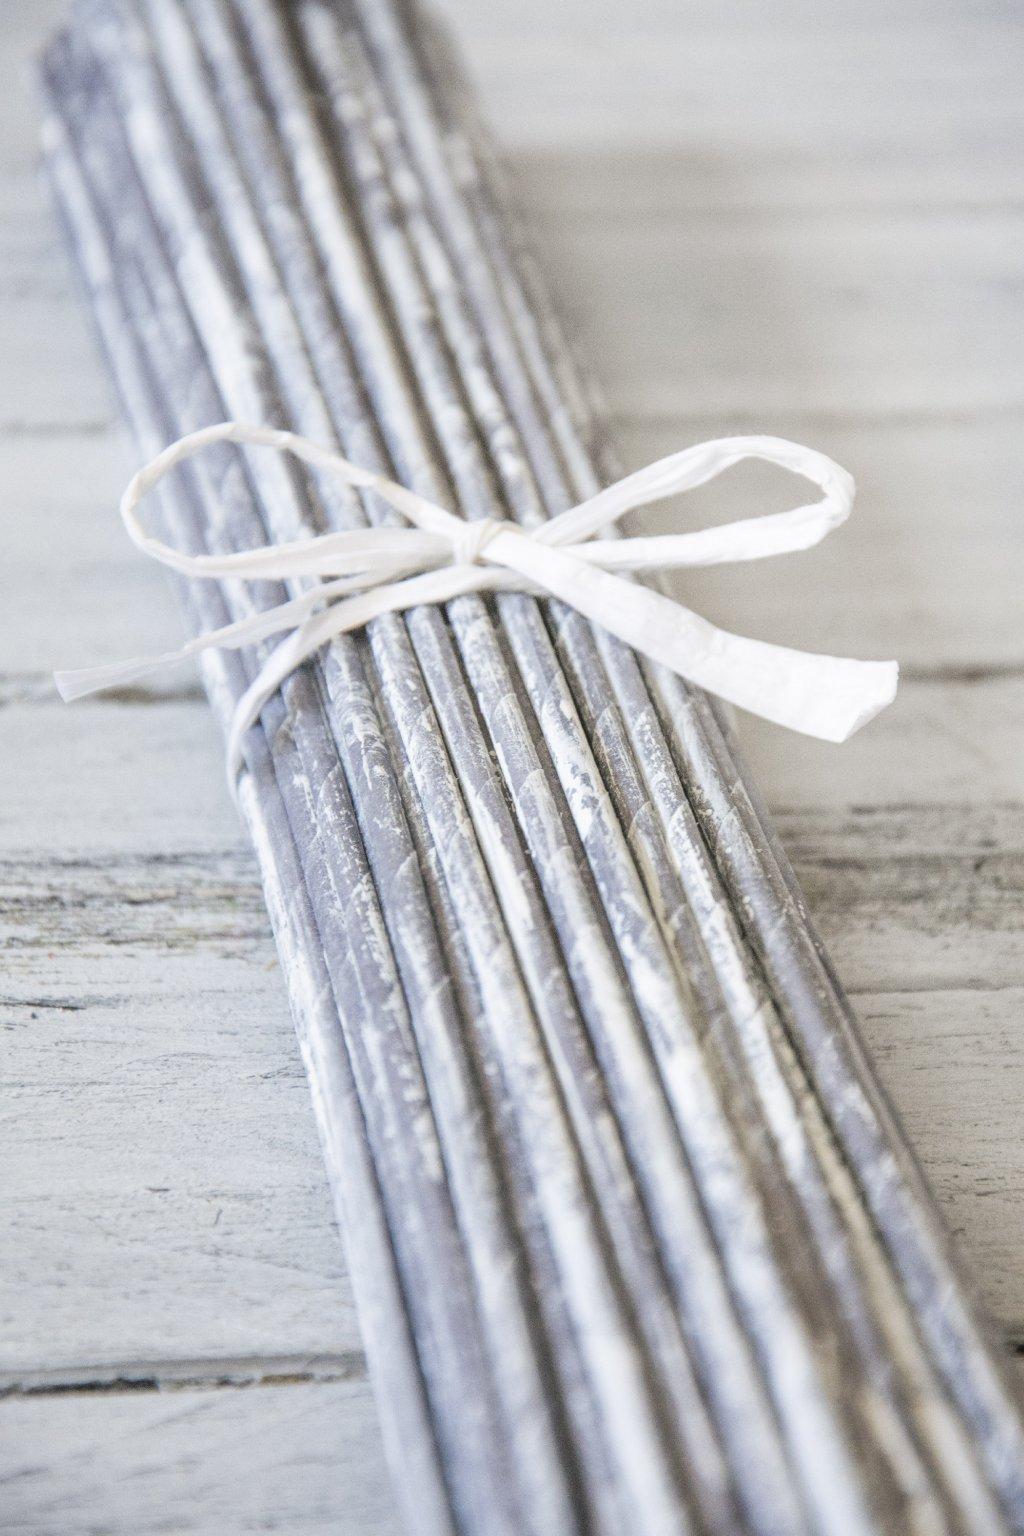 Ruličky jsou barvené mořidlem Chevas - holubí šeď a napatinovány vodouředitelnou barvou Latex, proto ruličky nepoužívejte na pletení výrobků, které přijdou do styku s potravinami.